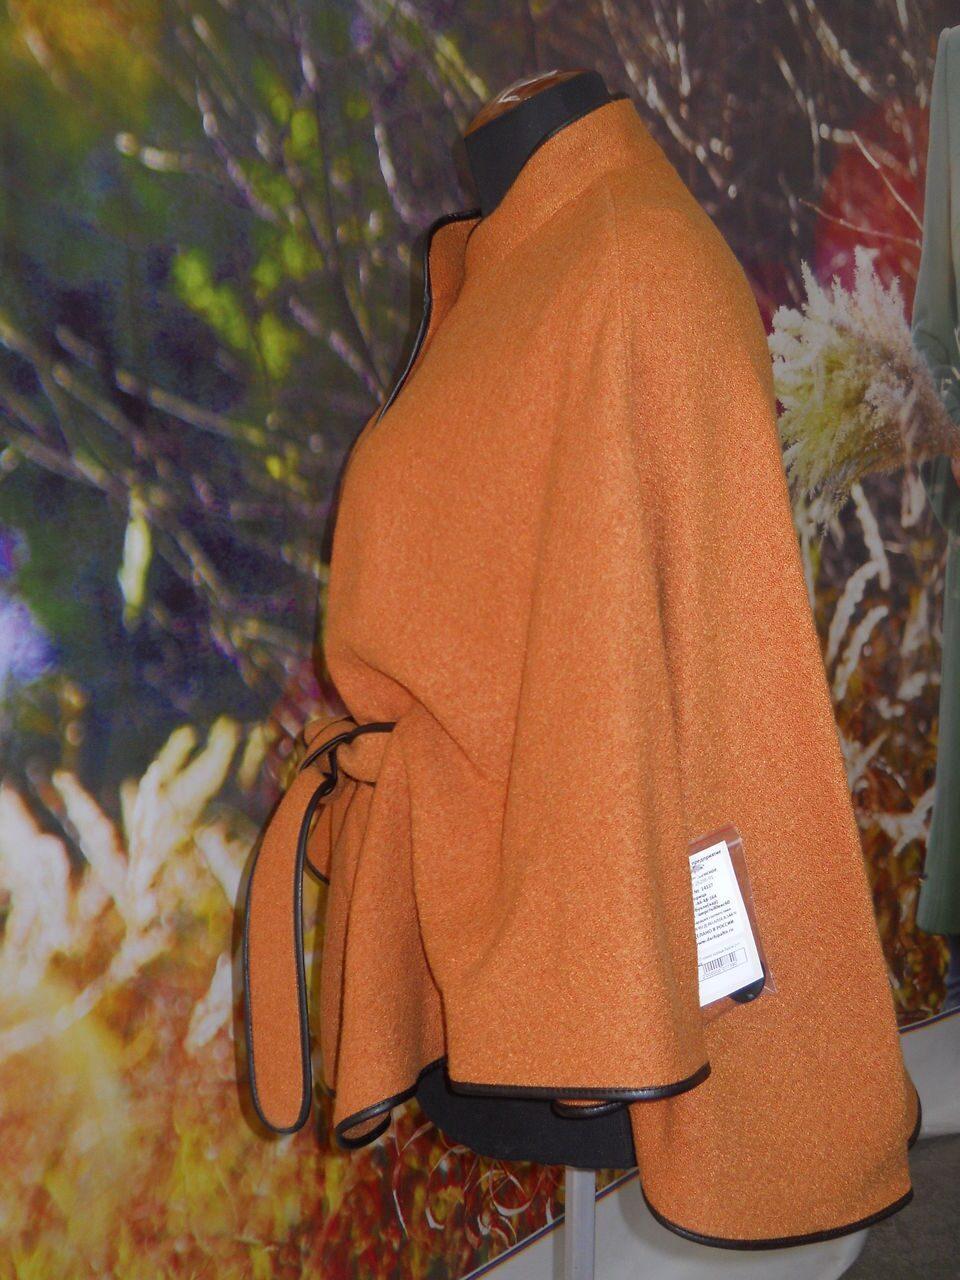 Пальто пончо: выбираем фасон и учимся шить своими руками 32